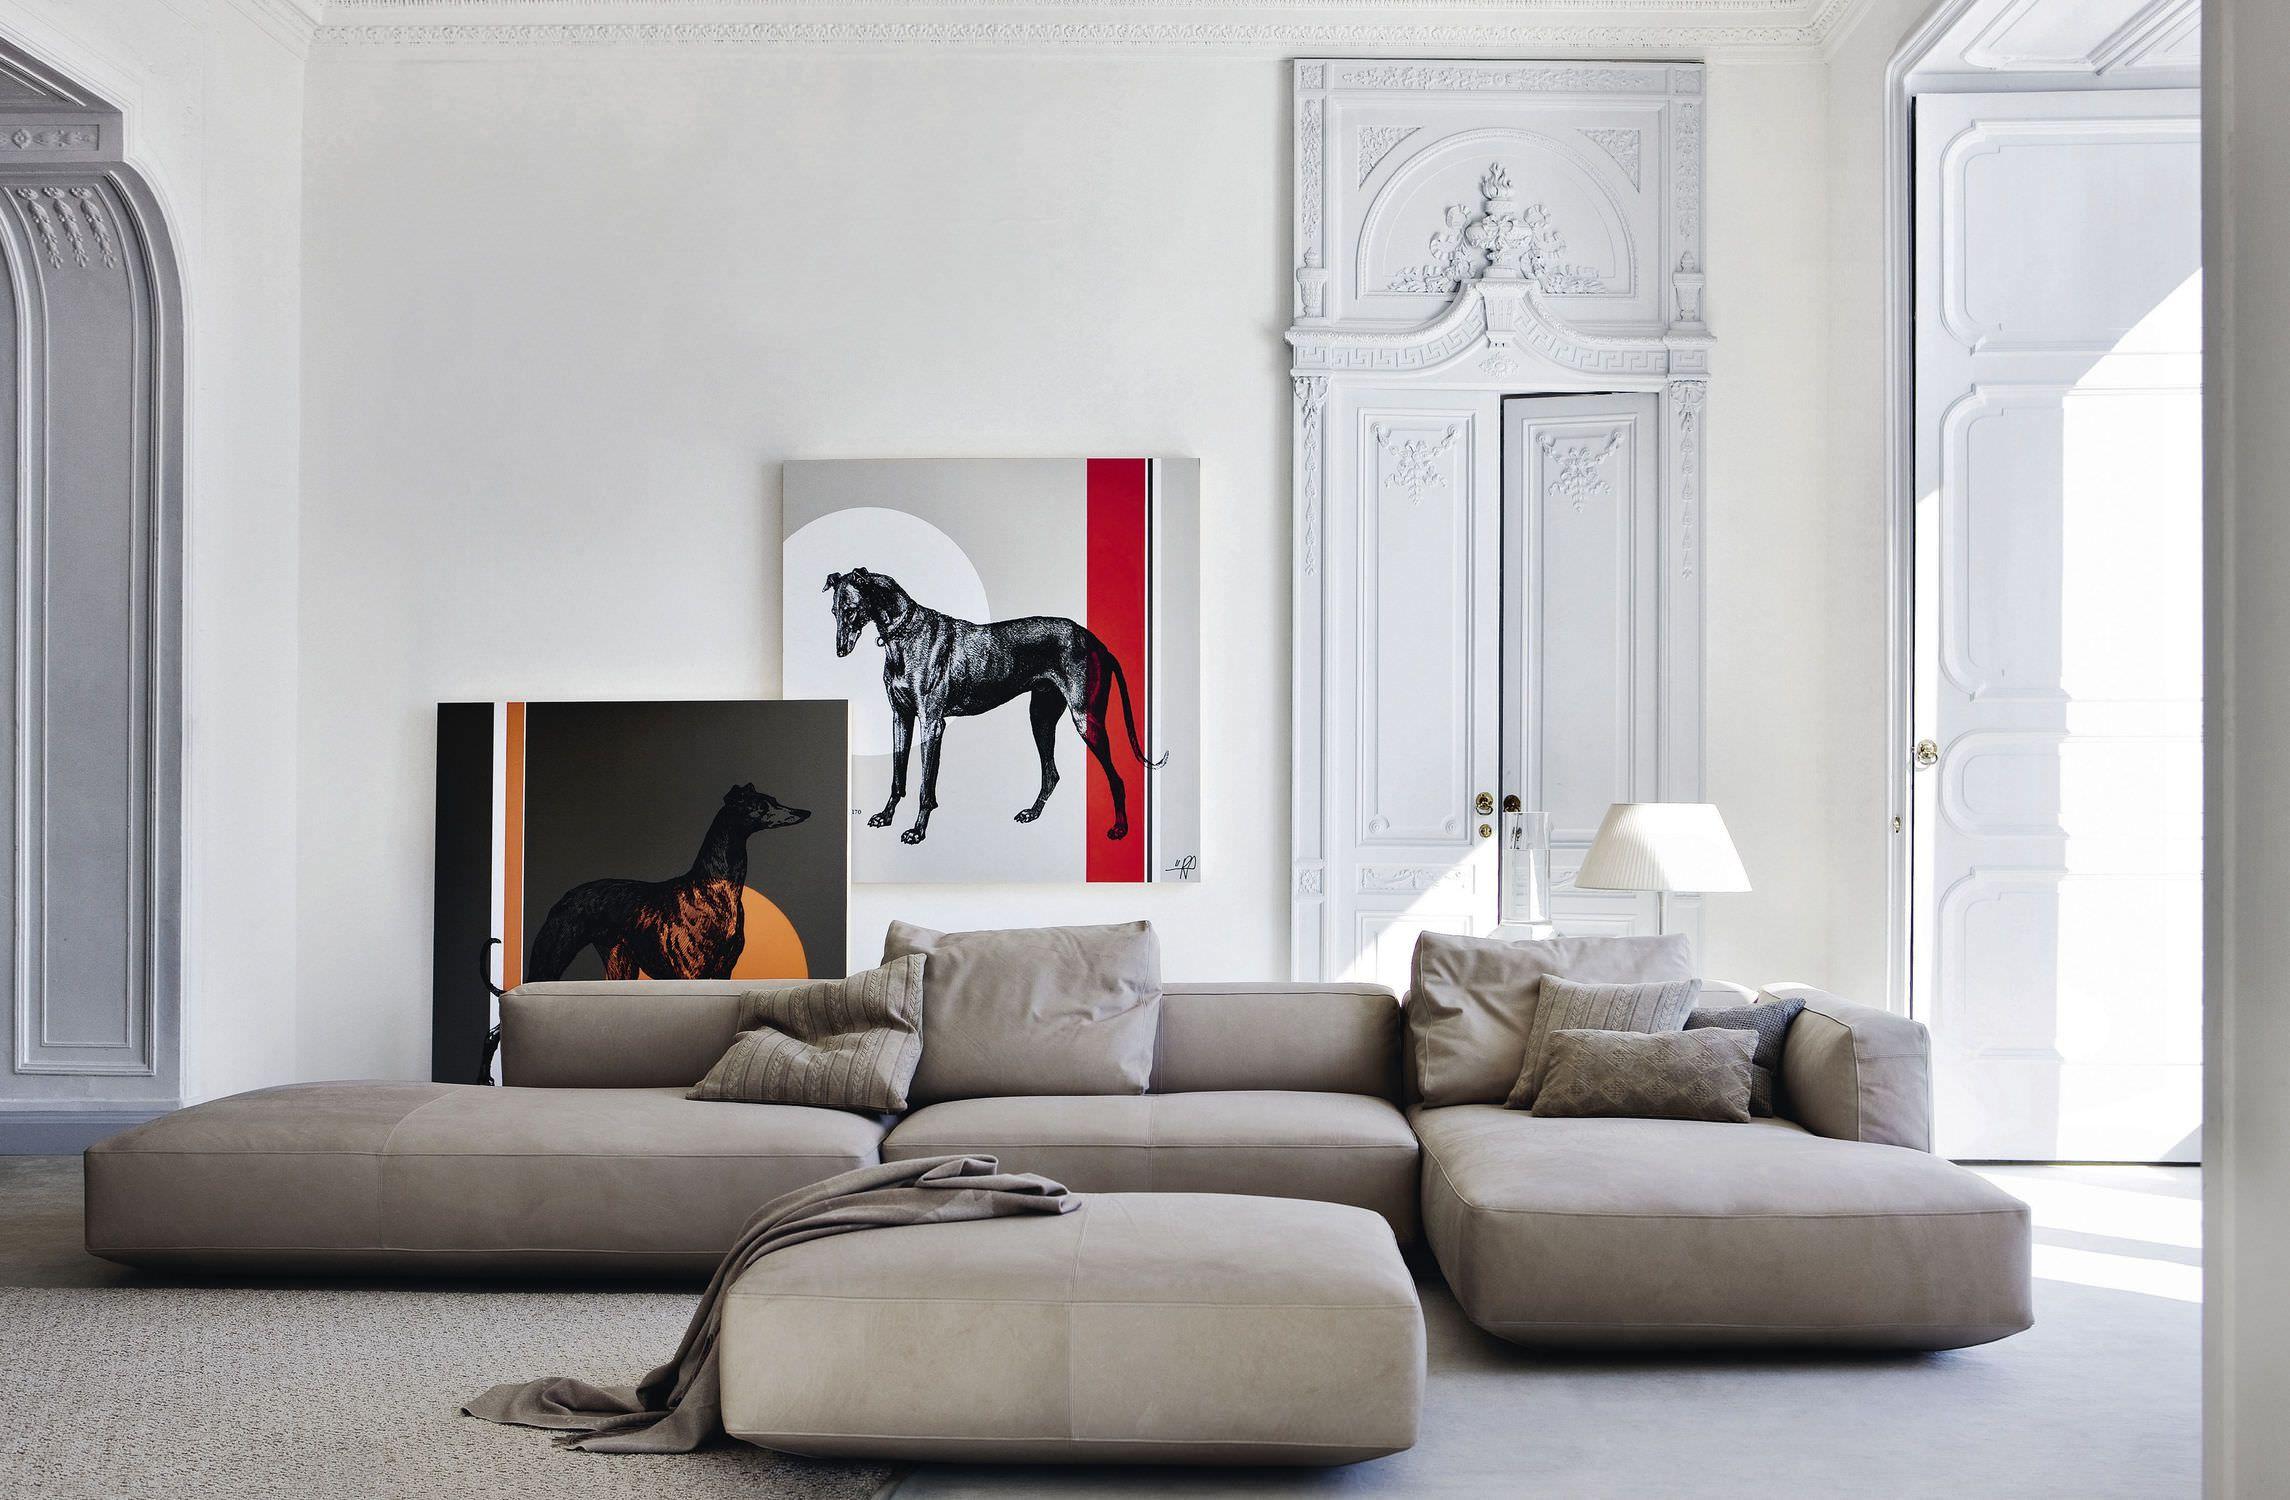 Возможность создать наиболее подходящий для интерьера диван дает значительное преимущество модульным диванам перед другими